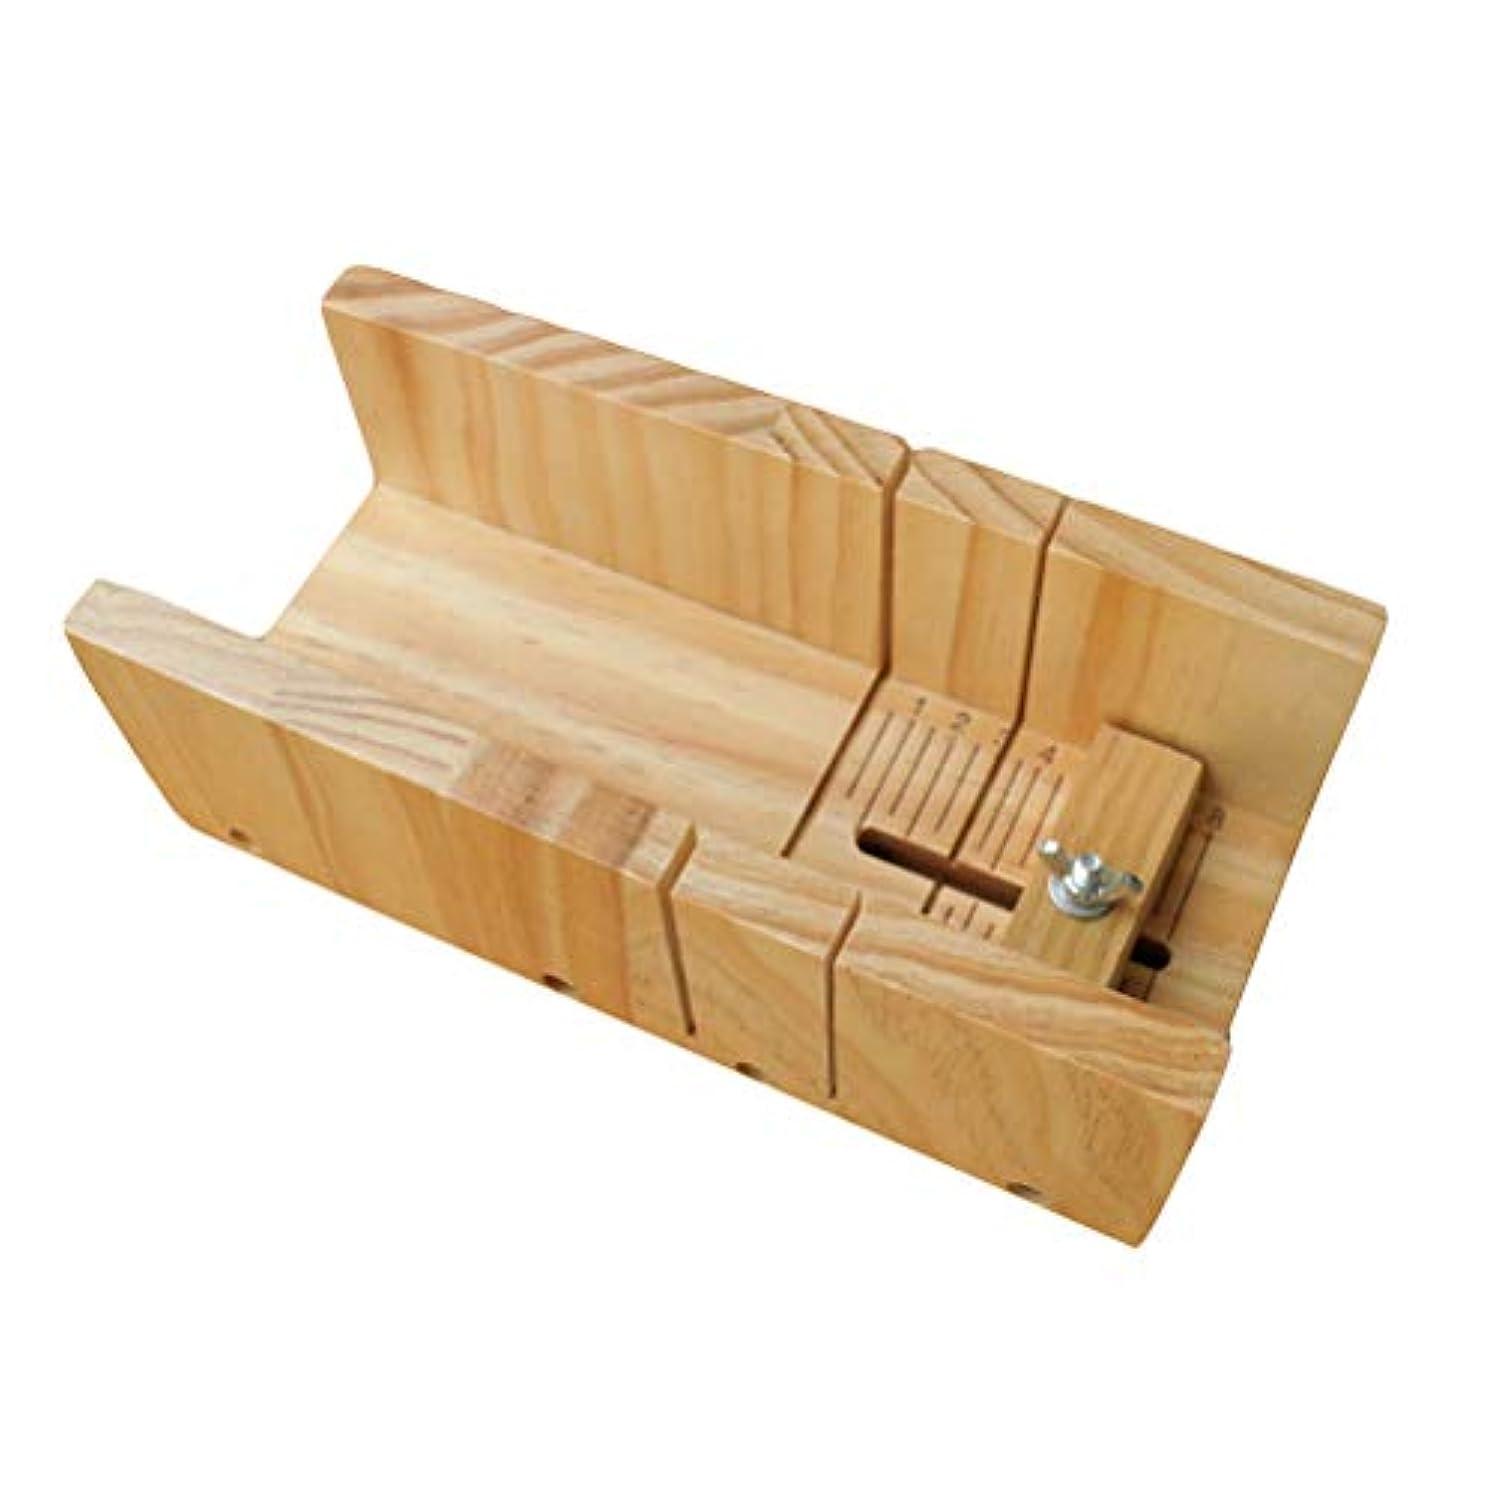 ネクタイ先駆者湾OUNONA ウッドソープロープカッターモールドプレミアム調整可能カッターモールドボックスソープ(木製カラー)